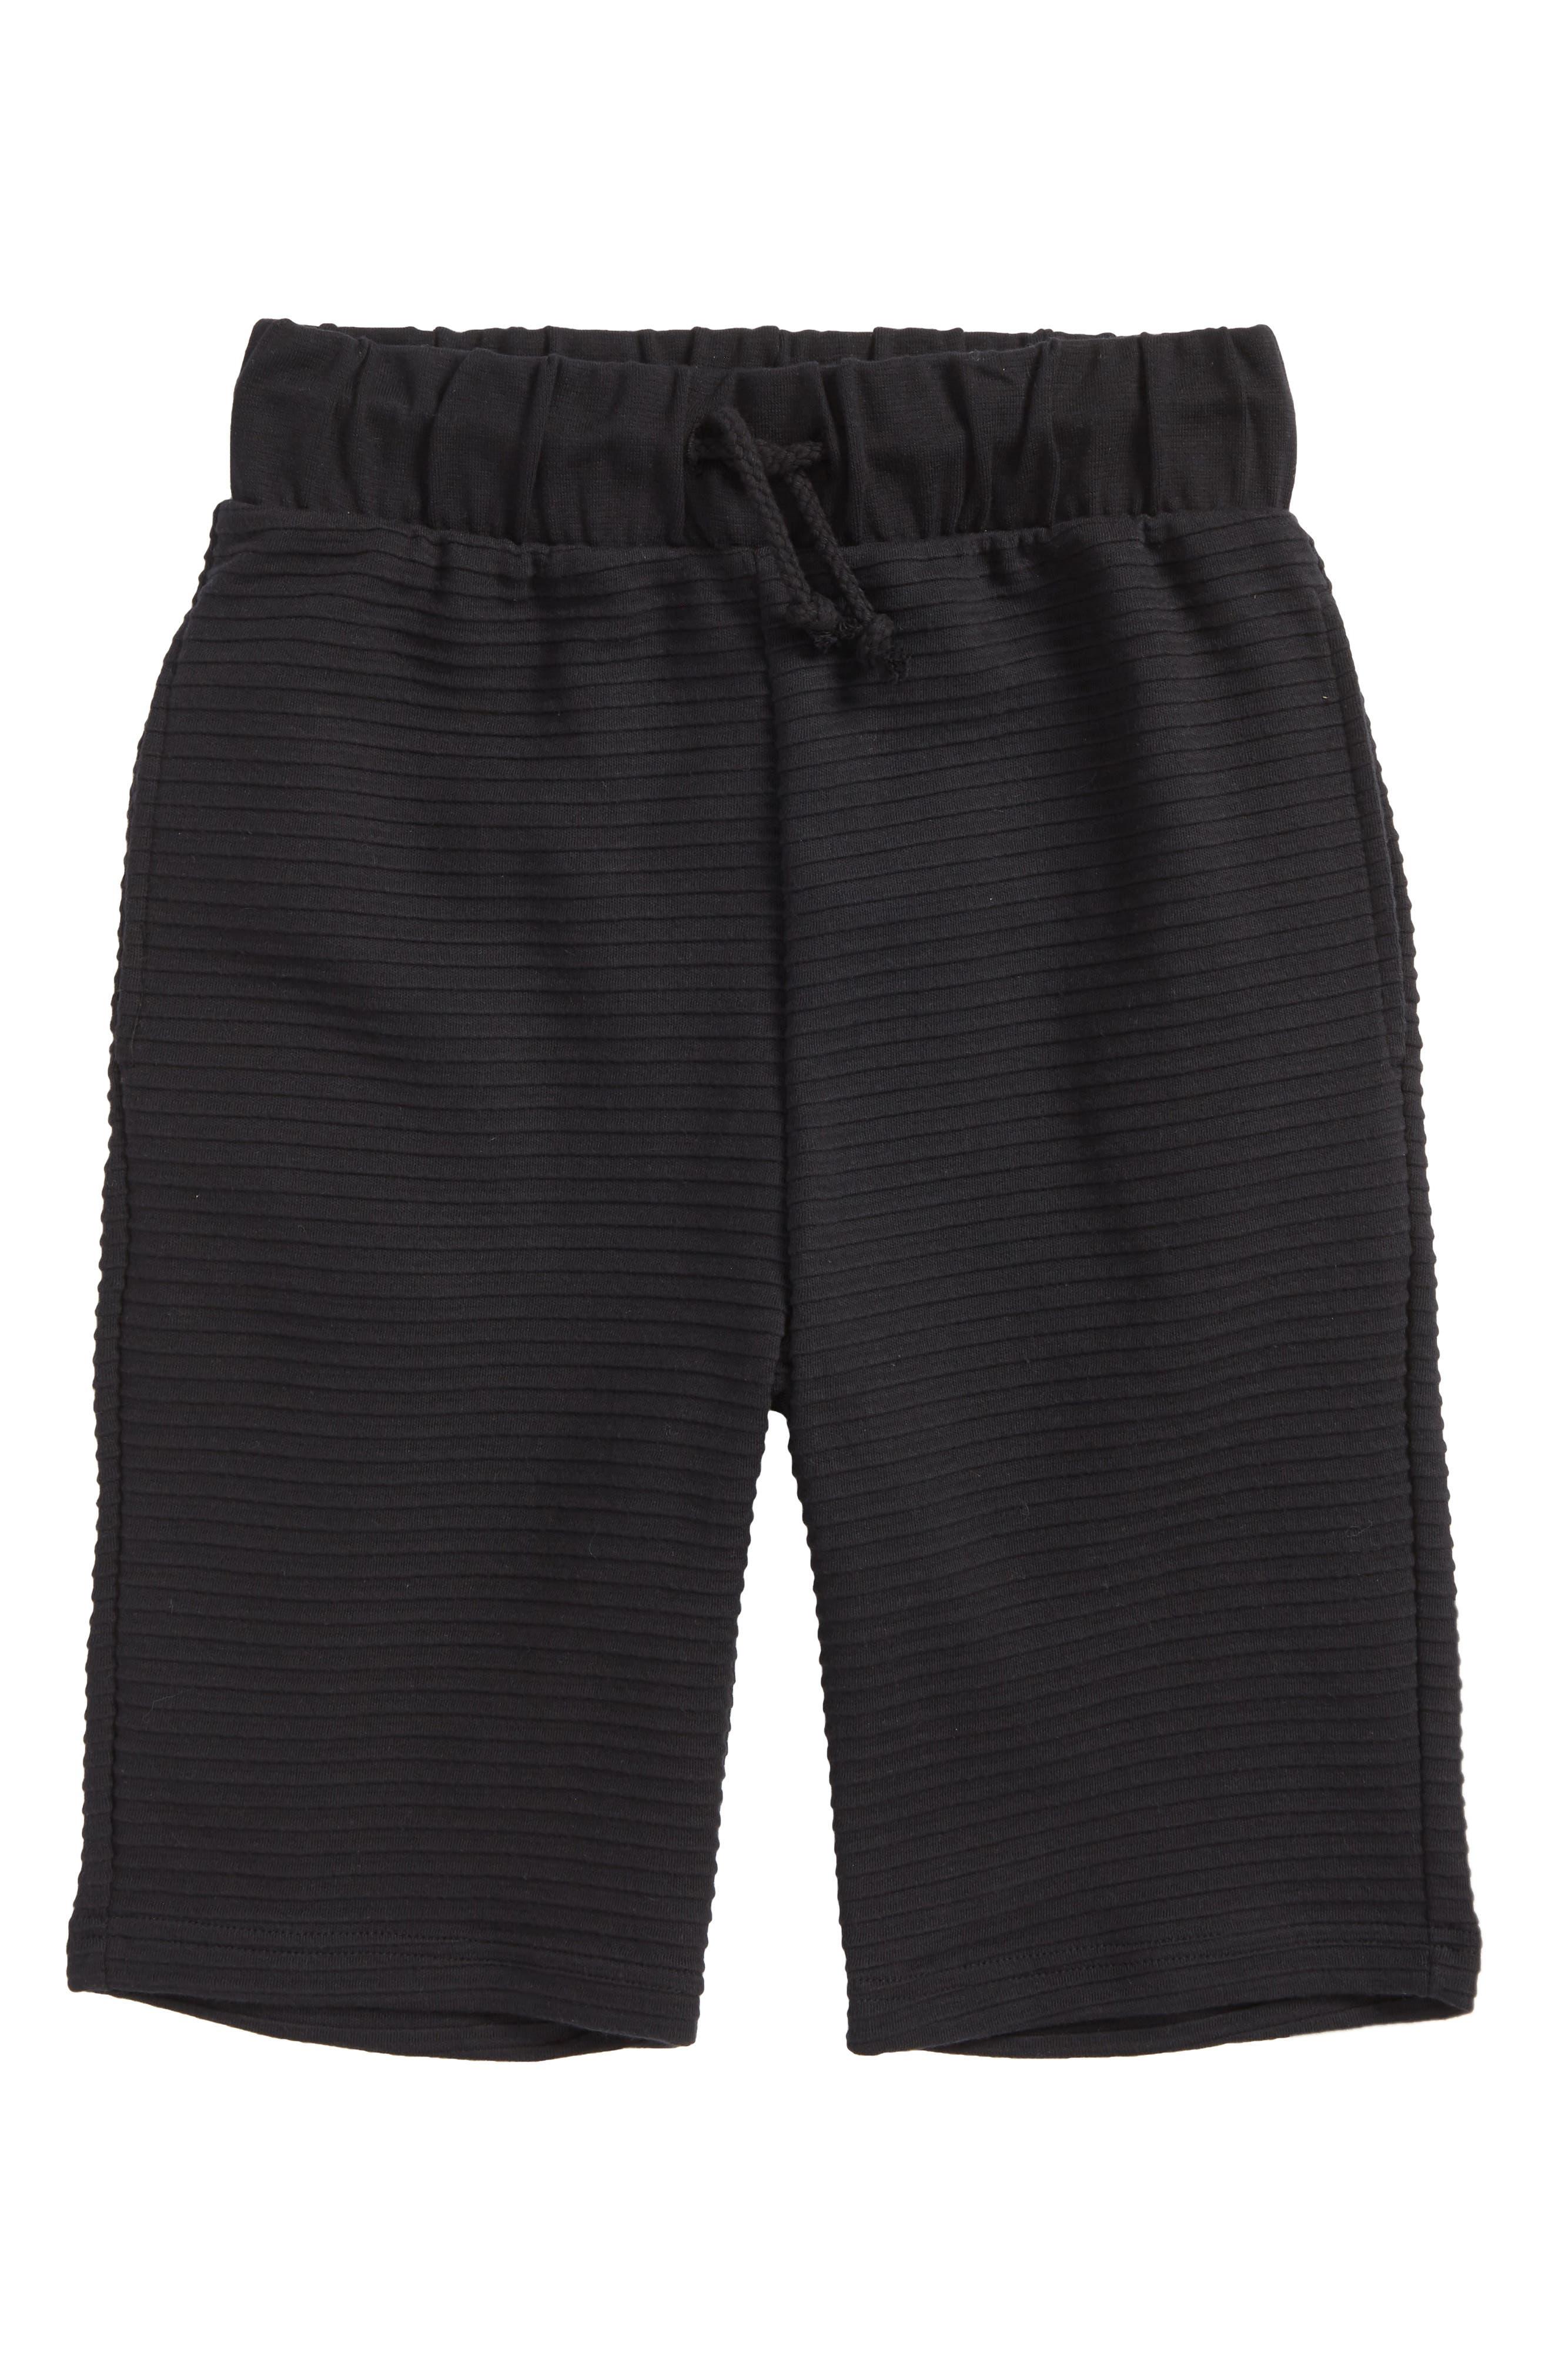 Freddie Knit Shorts,                             Main thumbnail 1, color,                             001